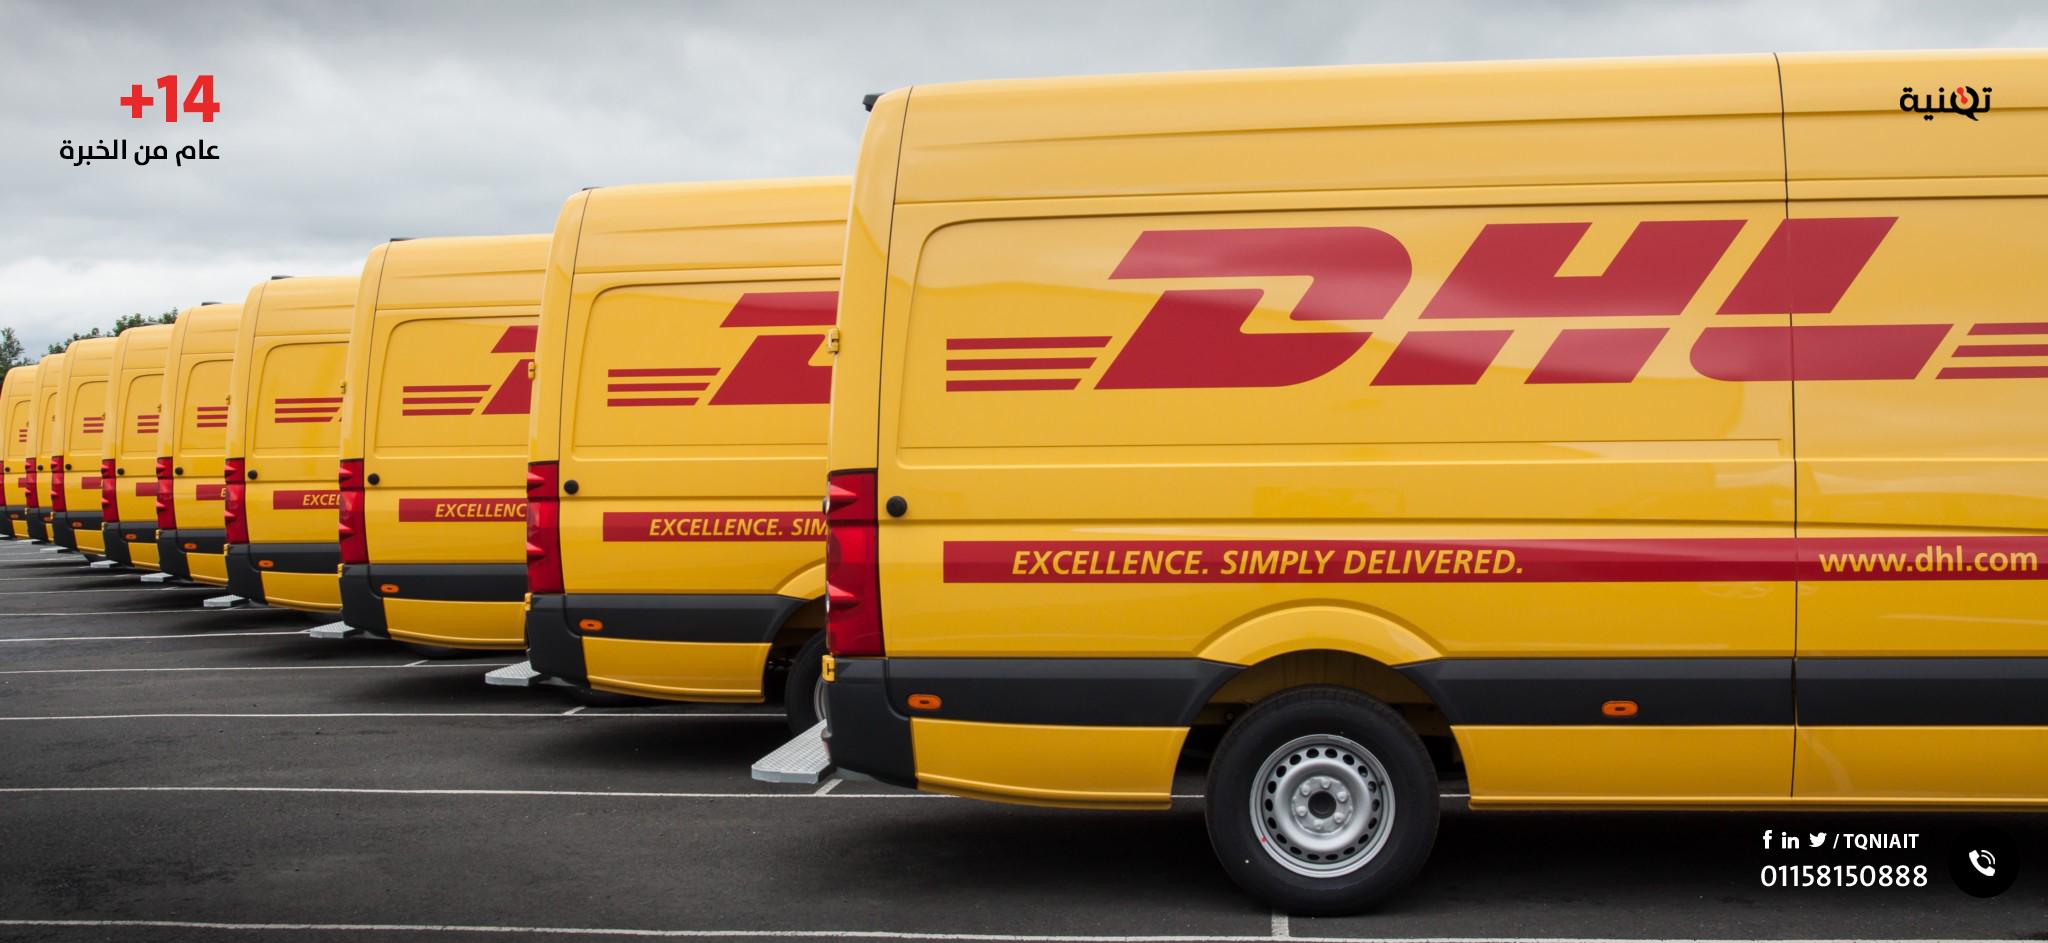 الشحن دولياً باستخدام DHL مع ووكومرس